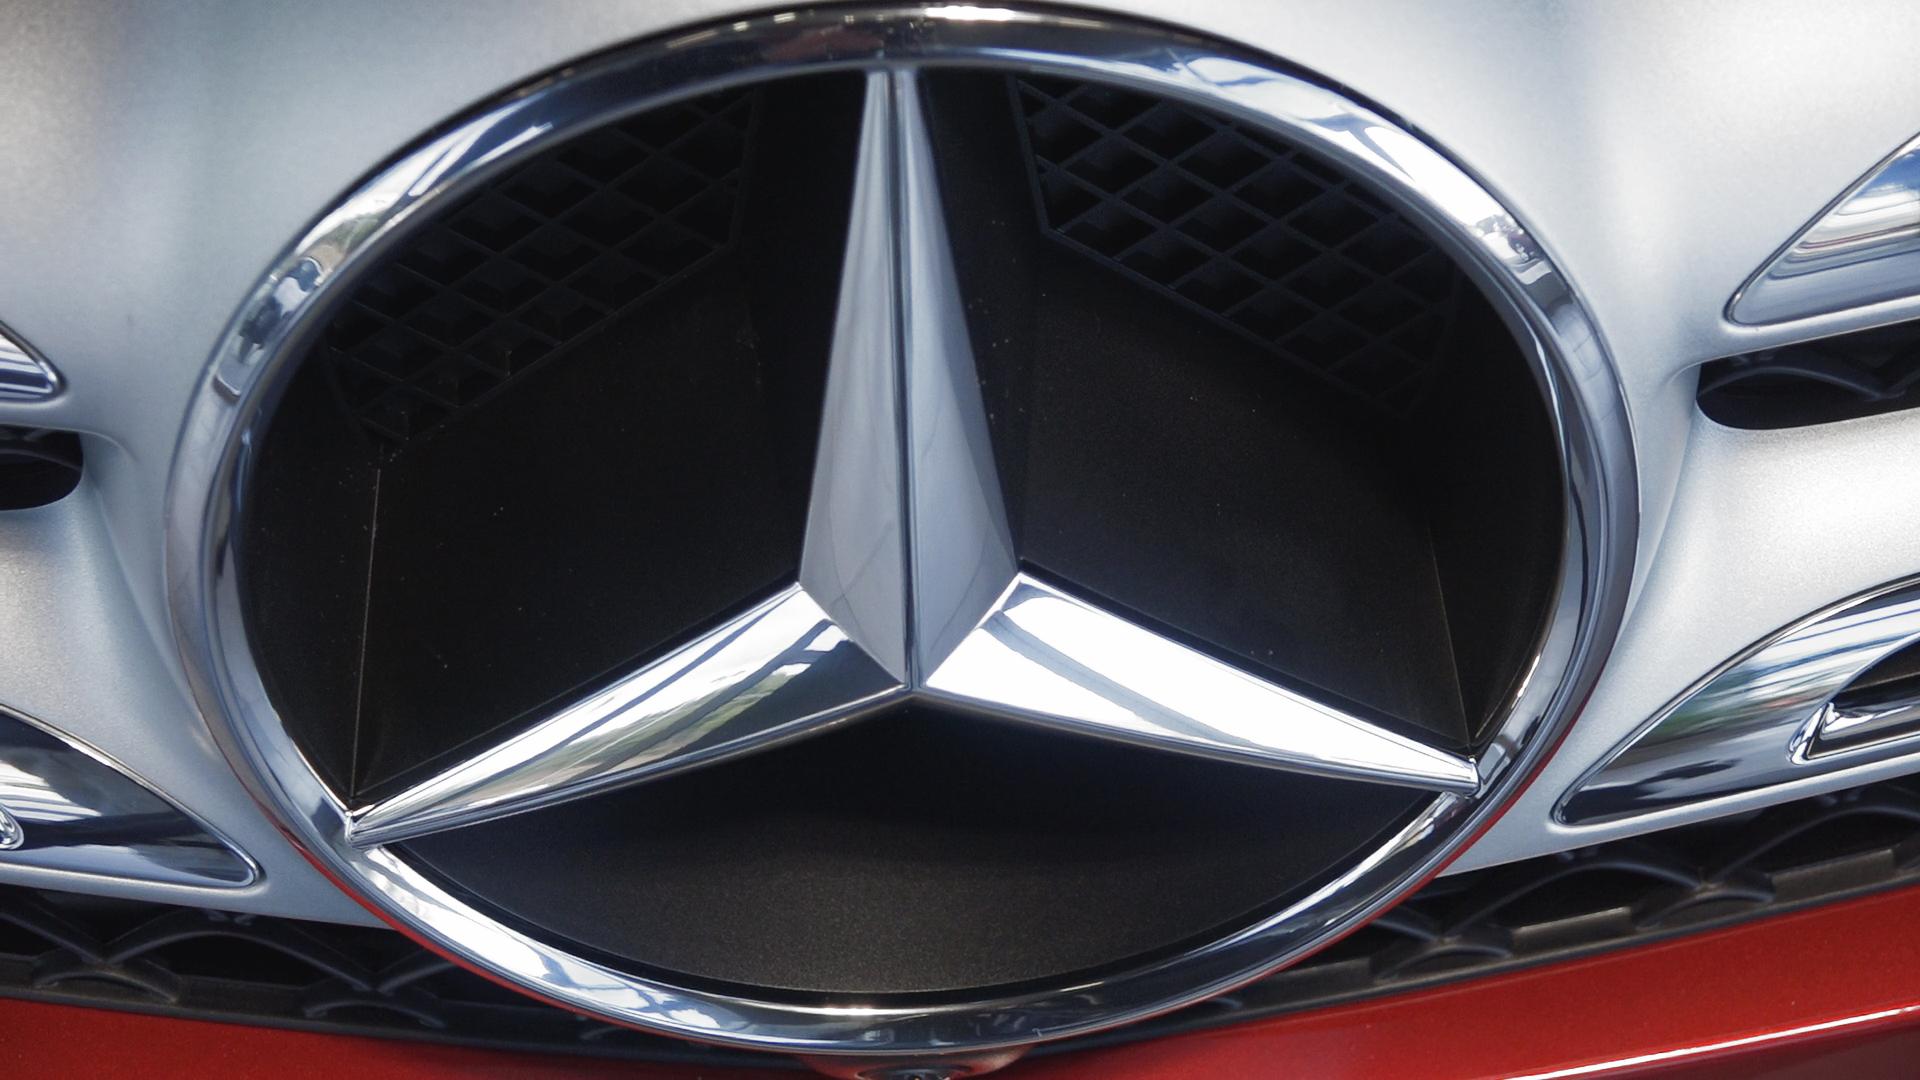 Mercedes benz of kingsport jerome cloninger for Mercedes benz of kingsport